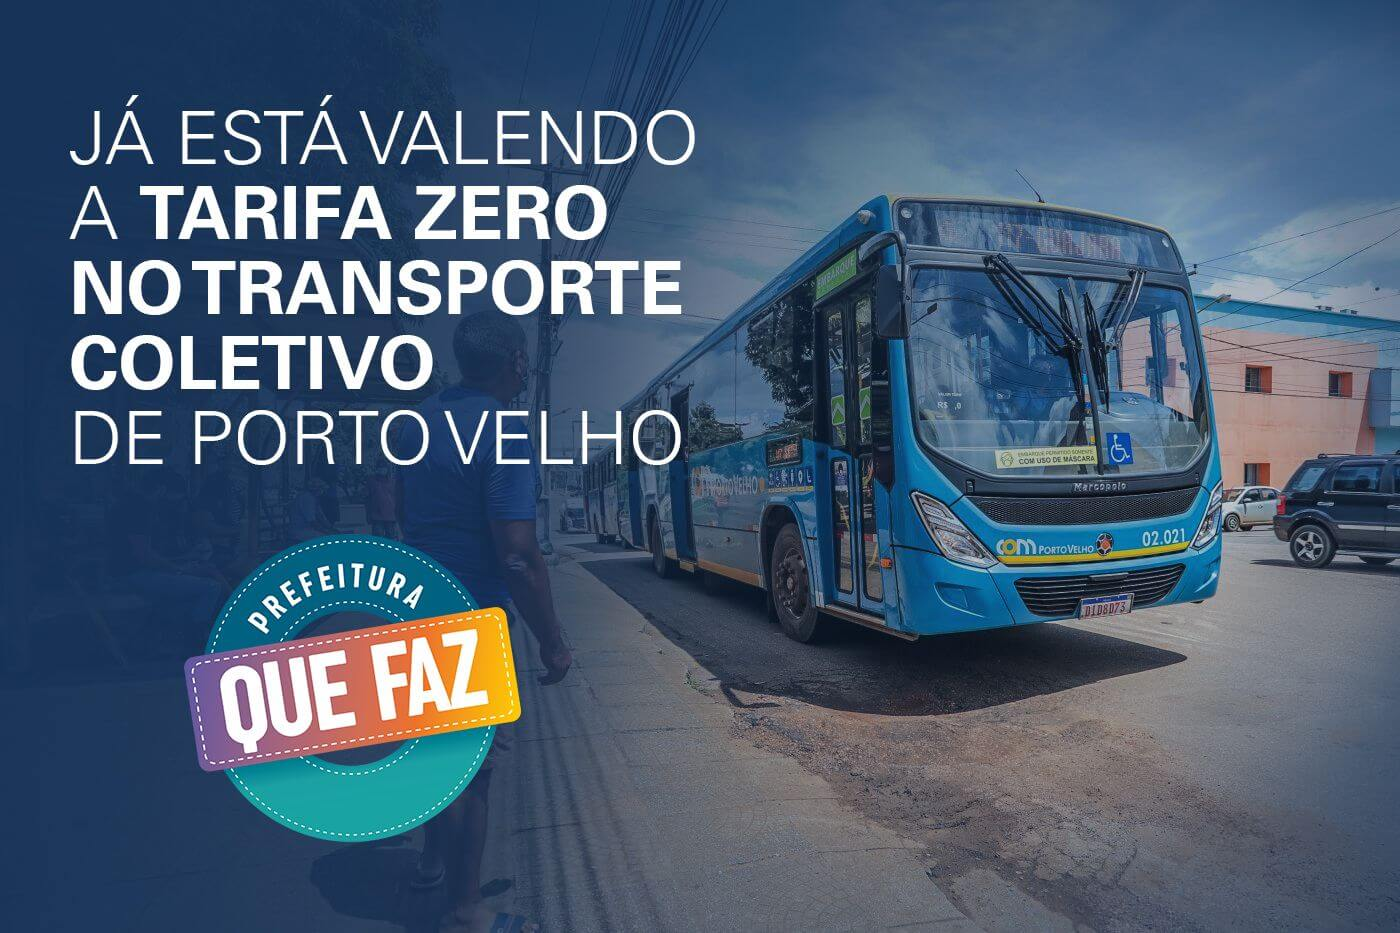 Saiba como aproveitar a gratuidade no transporte coletivo de Porto Velho